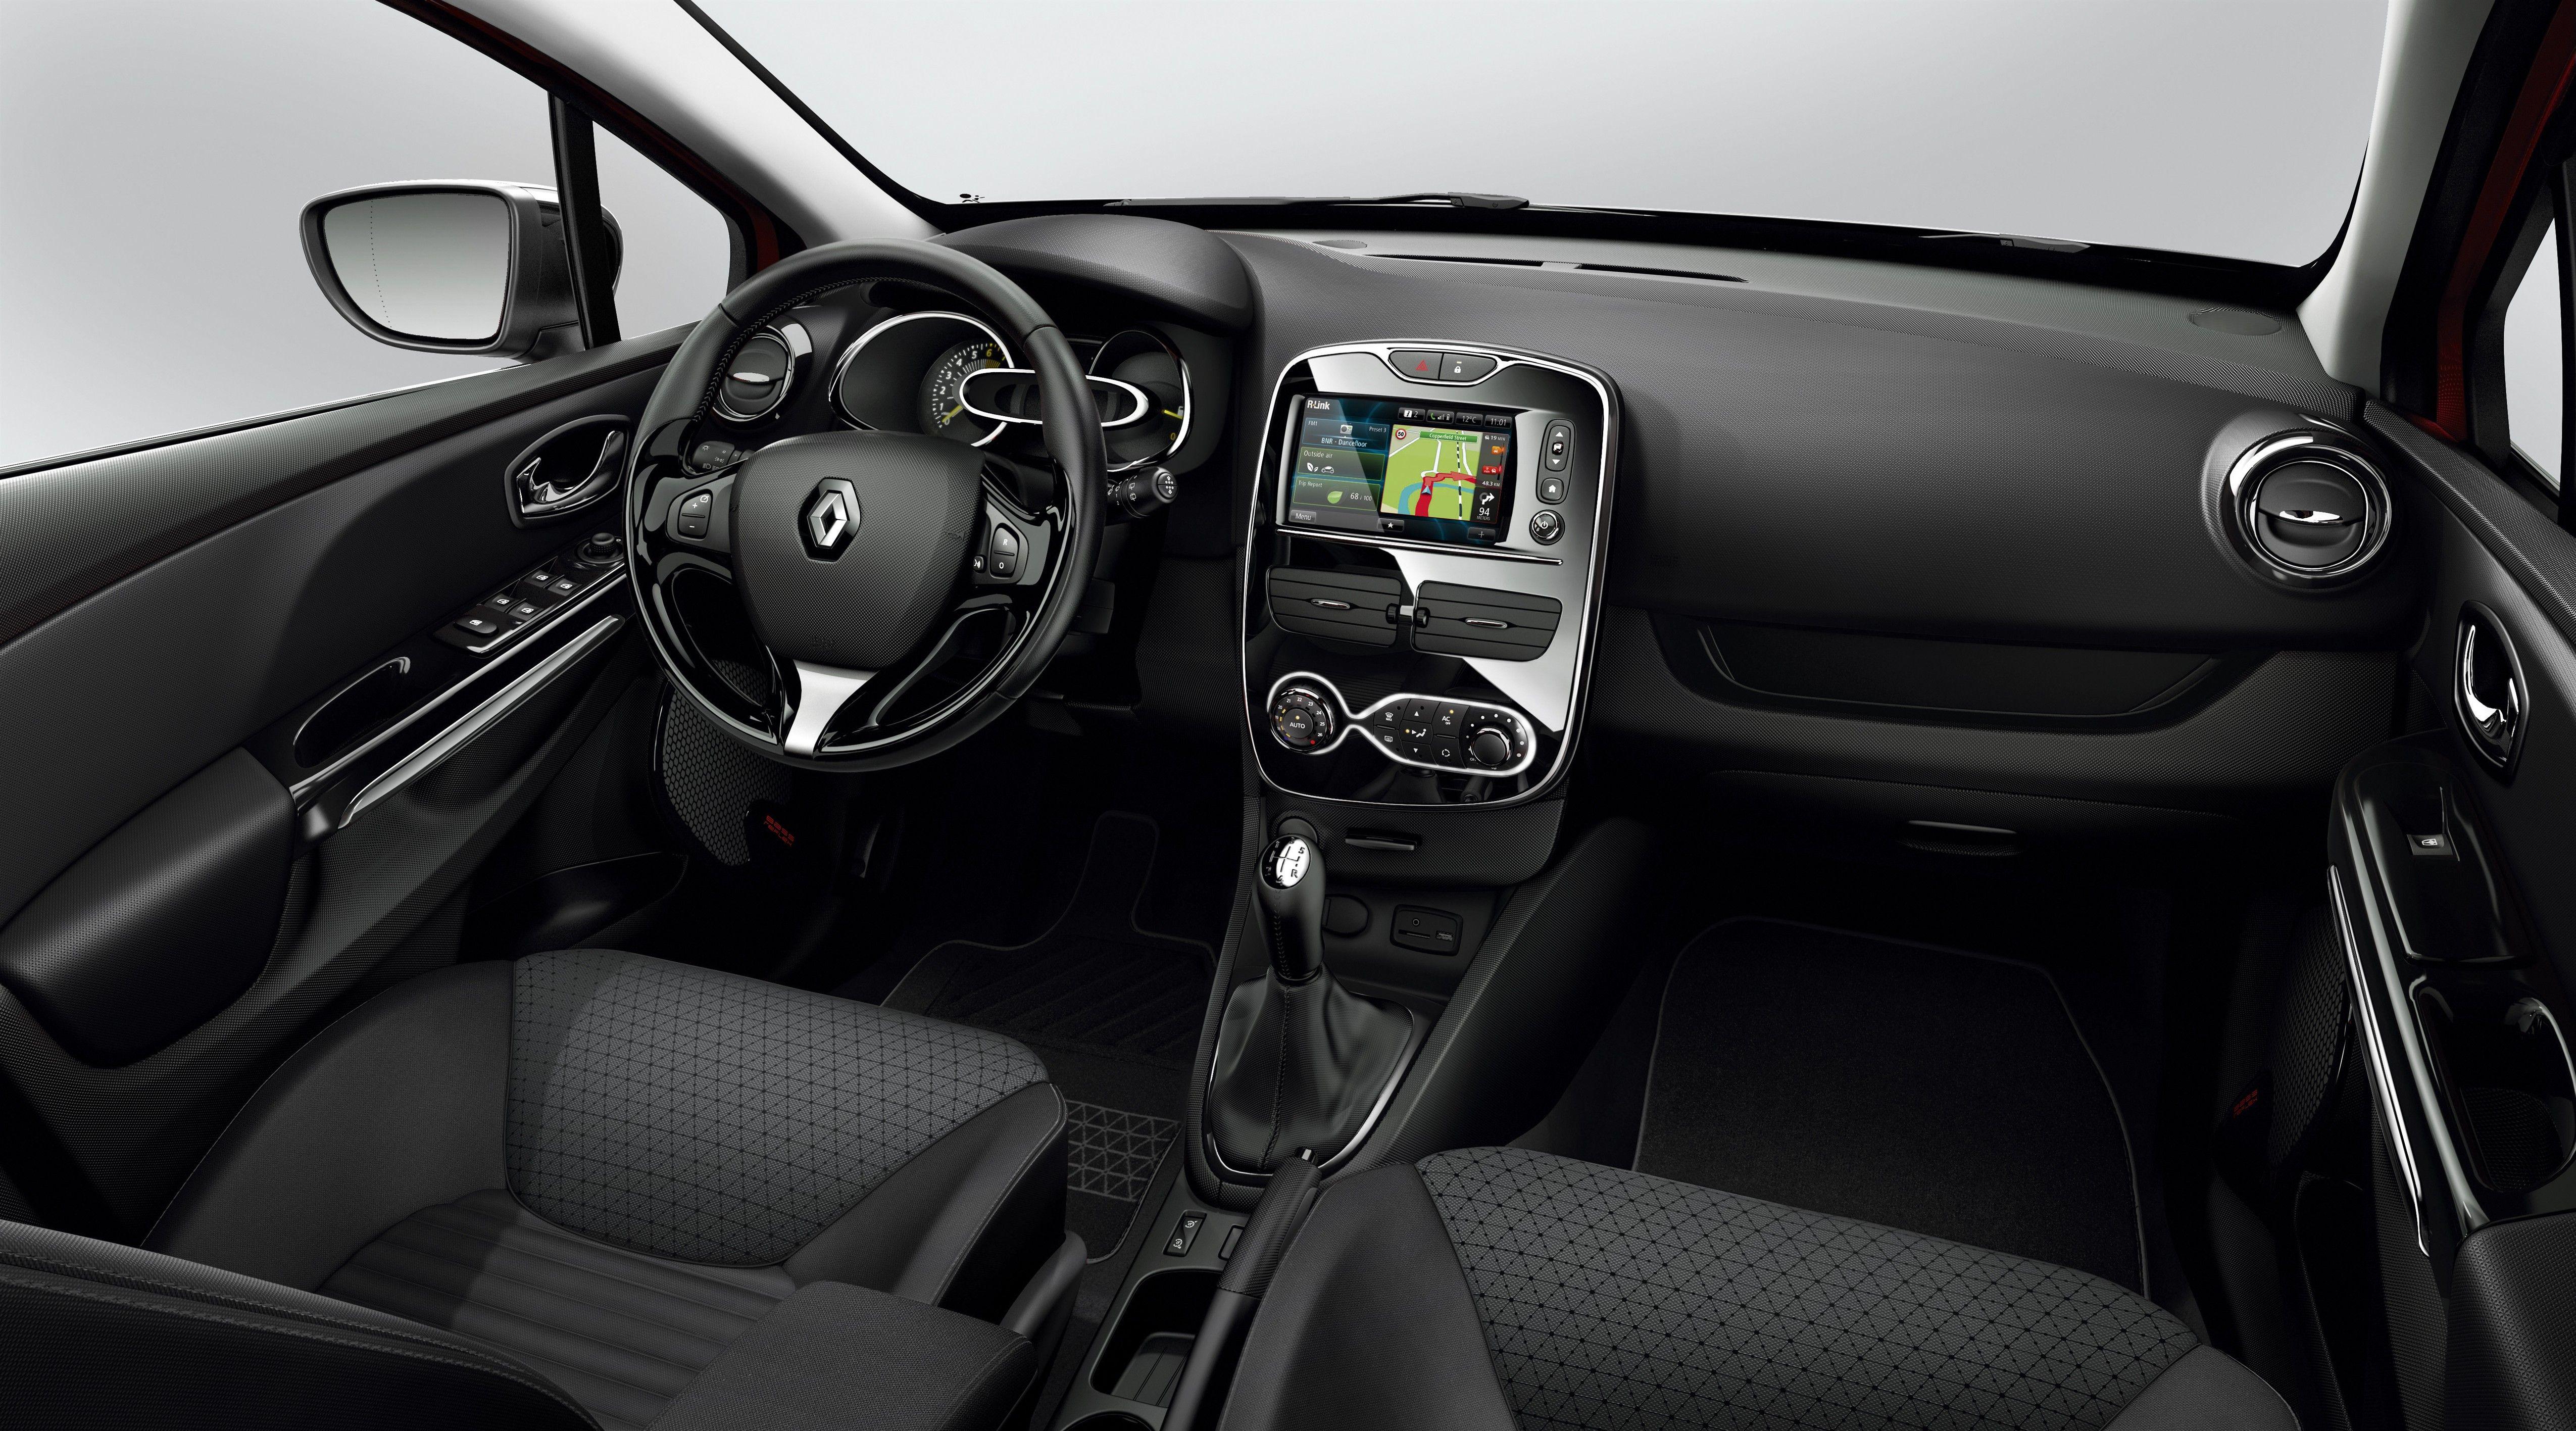 Renault Clio - Interior   Renault Clio   Pinterest   Clio sport ...